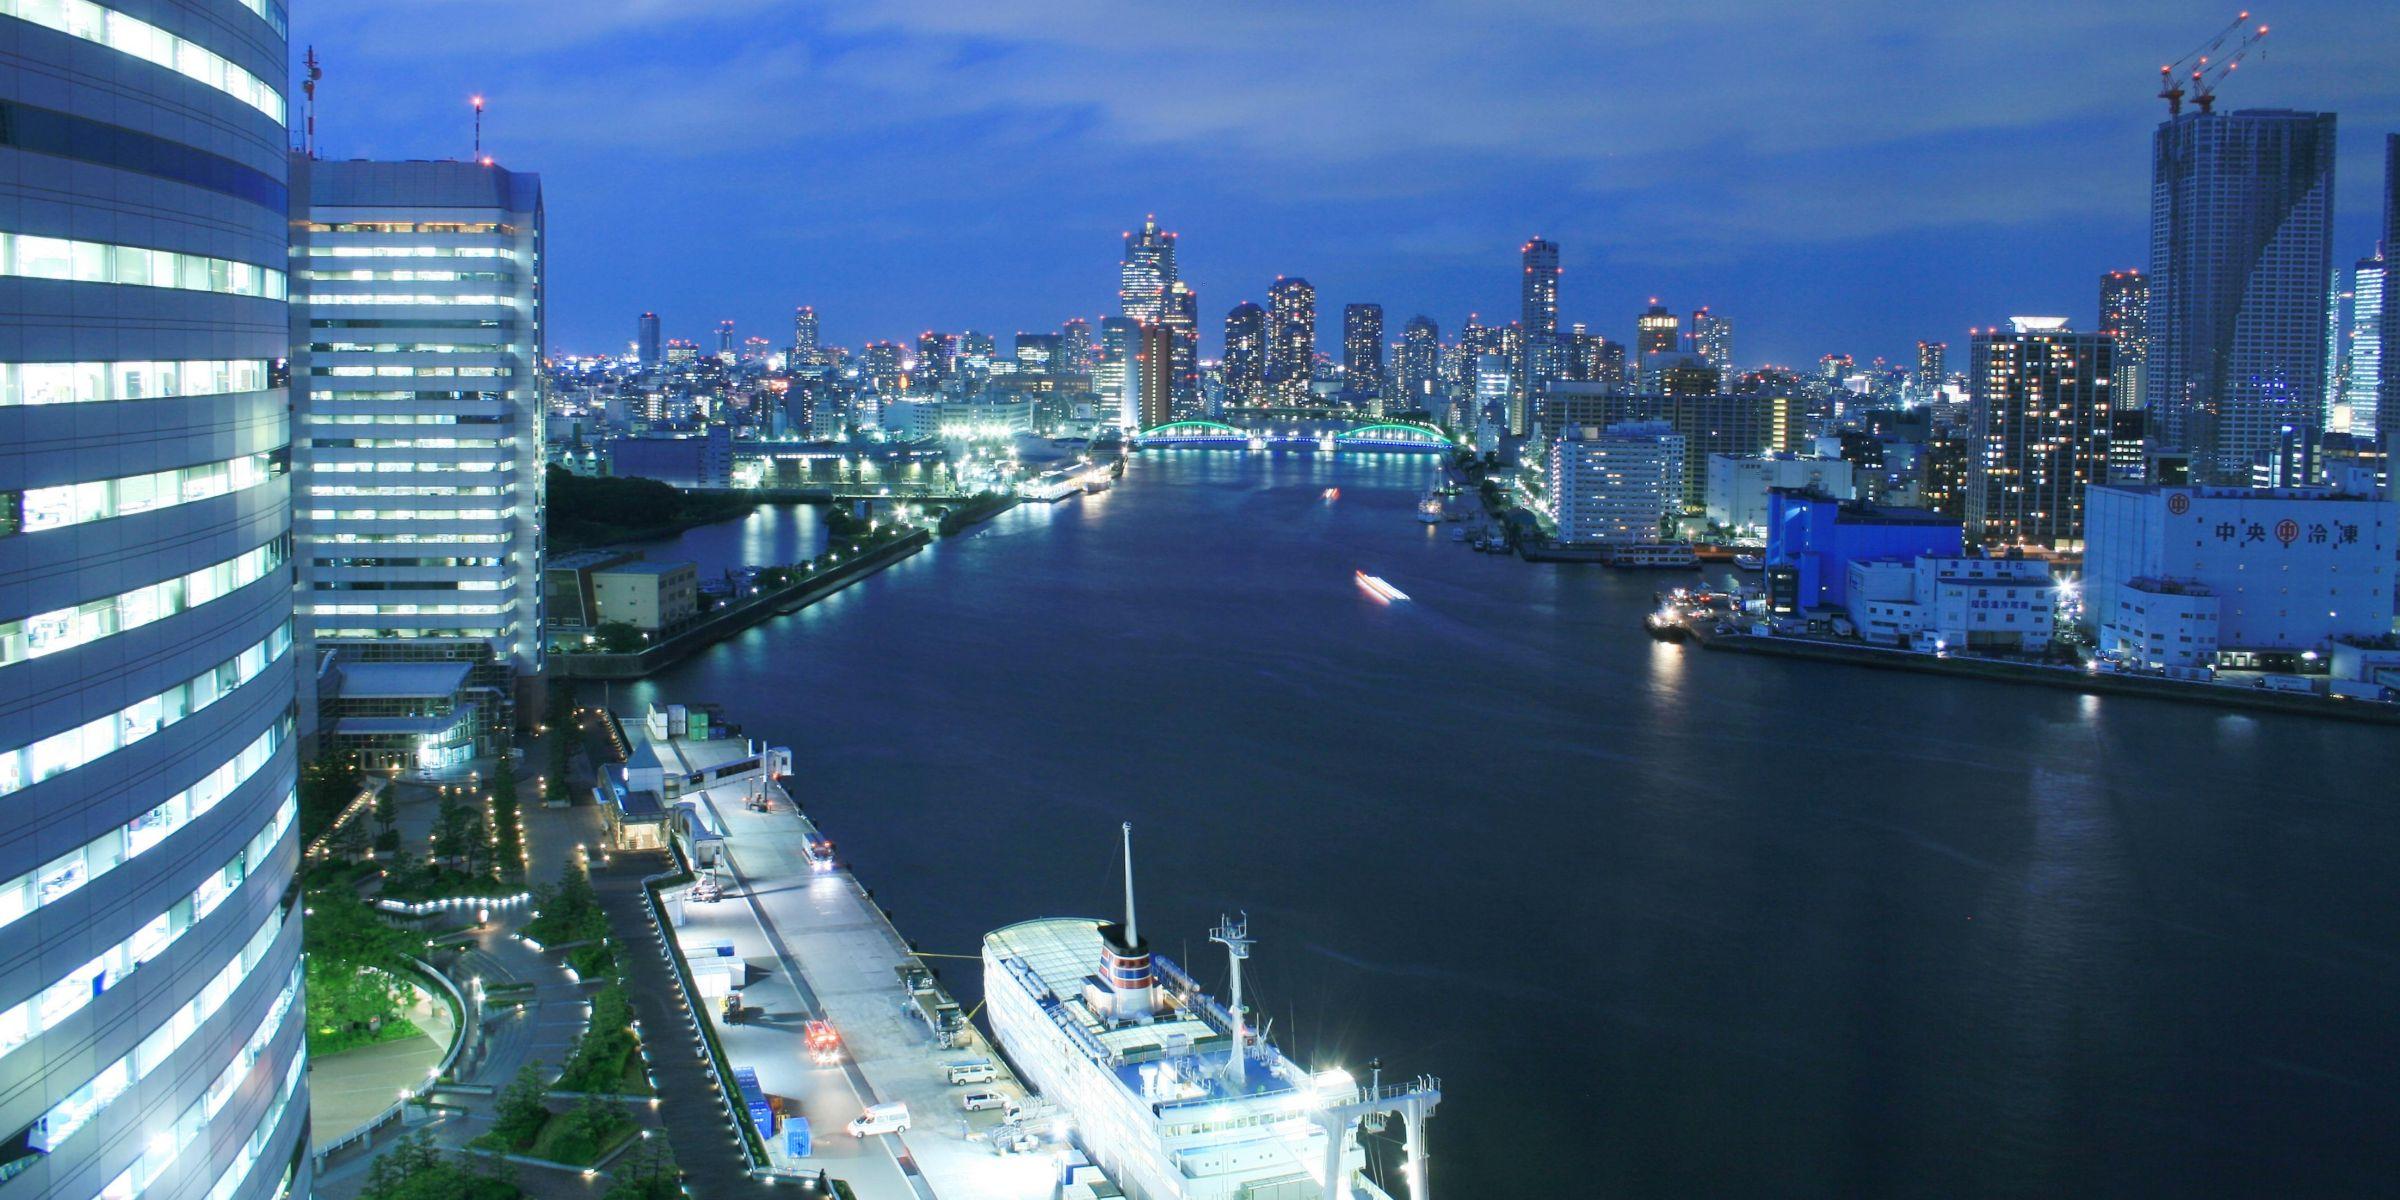 ホテル インターコンチネンタル 東京ベイ 東京にあるihgホテル